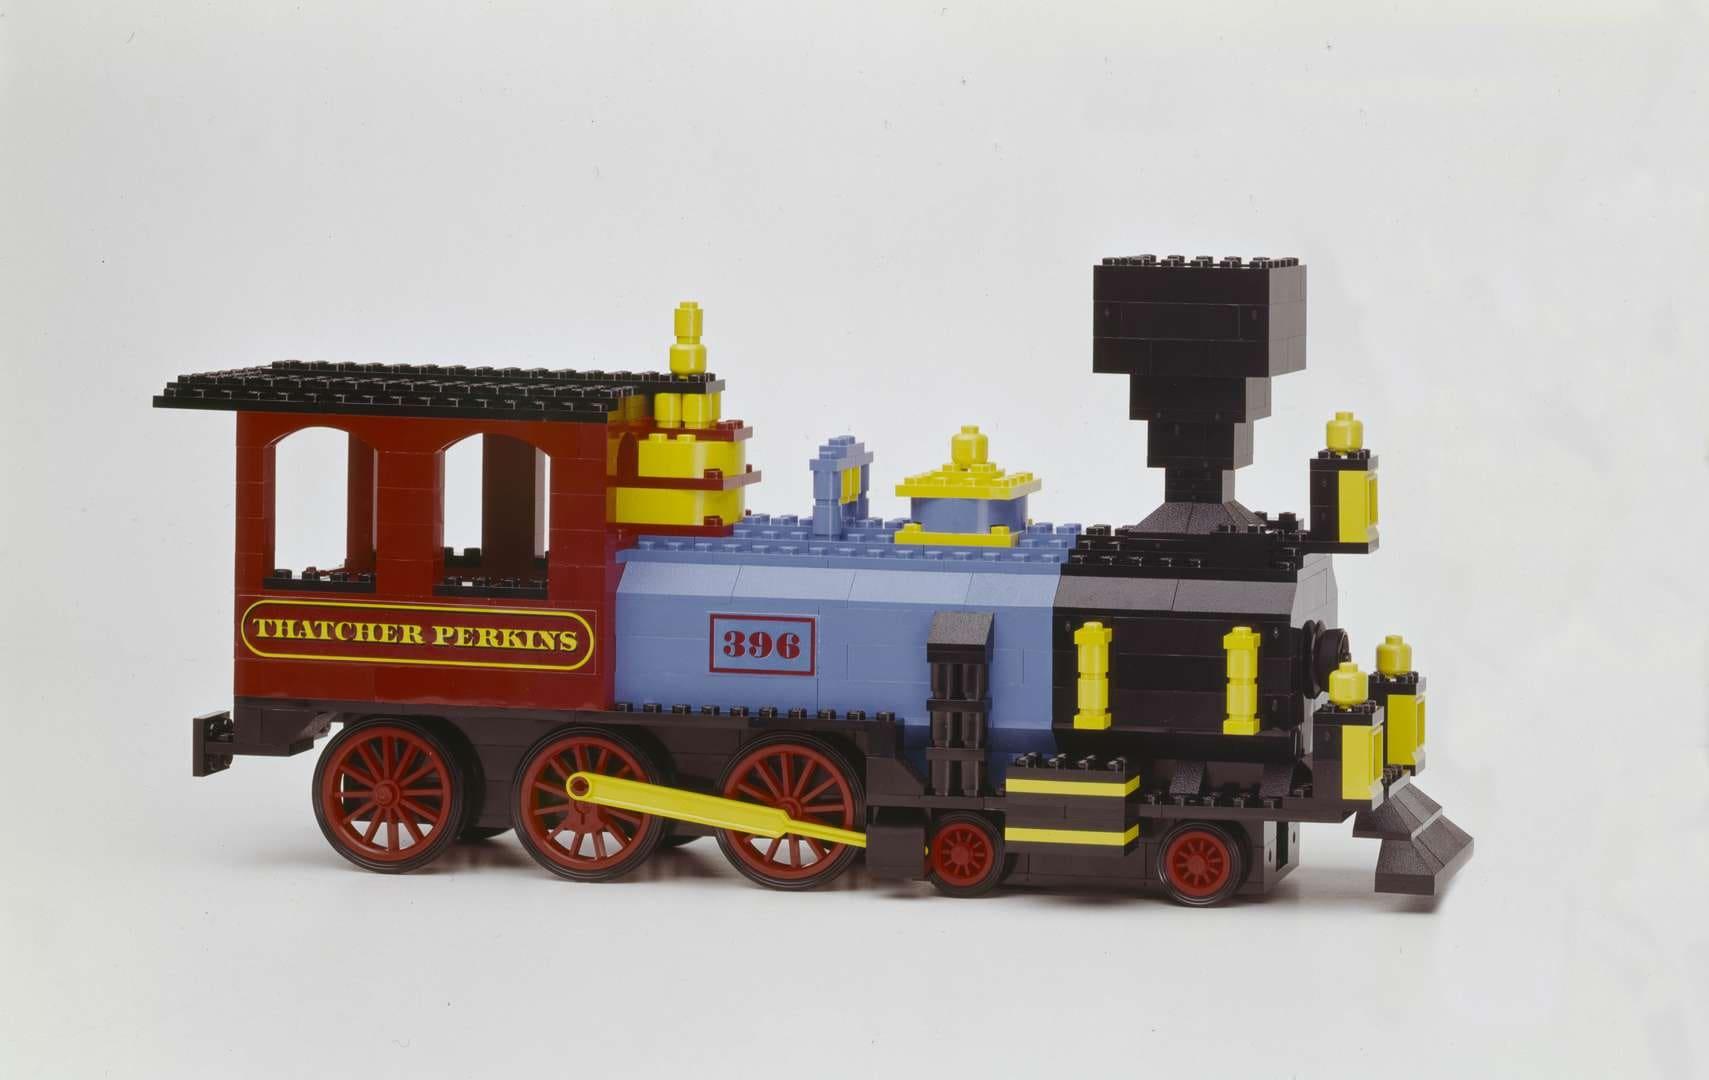 LEGO_anni'70_Thatcher Perkins_risultato